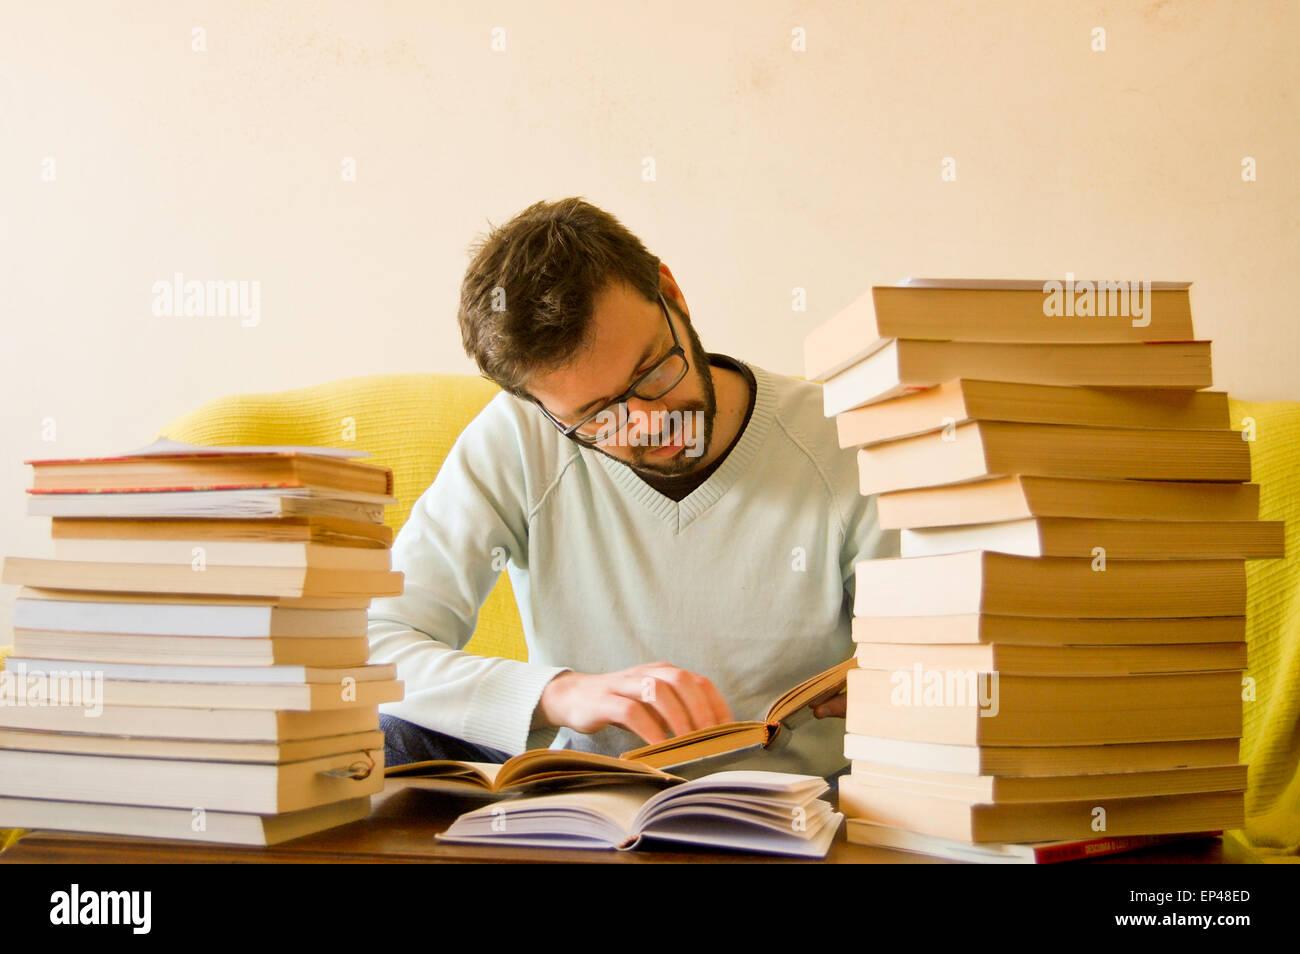 Mann mit einem Stapel Bücher vor, der ihn studieren Stockbild